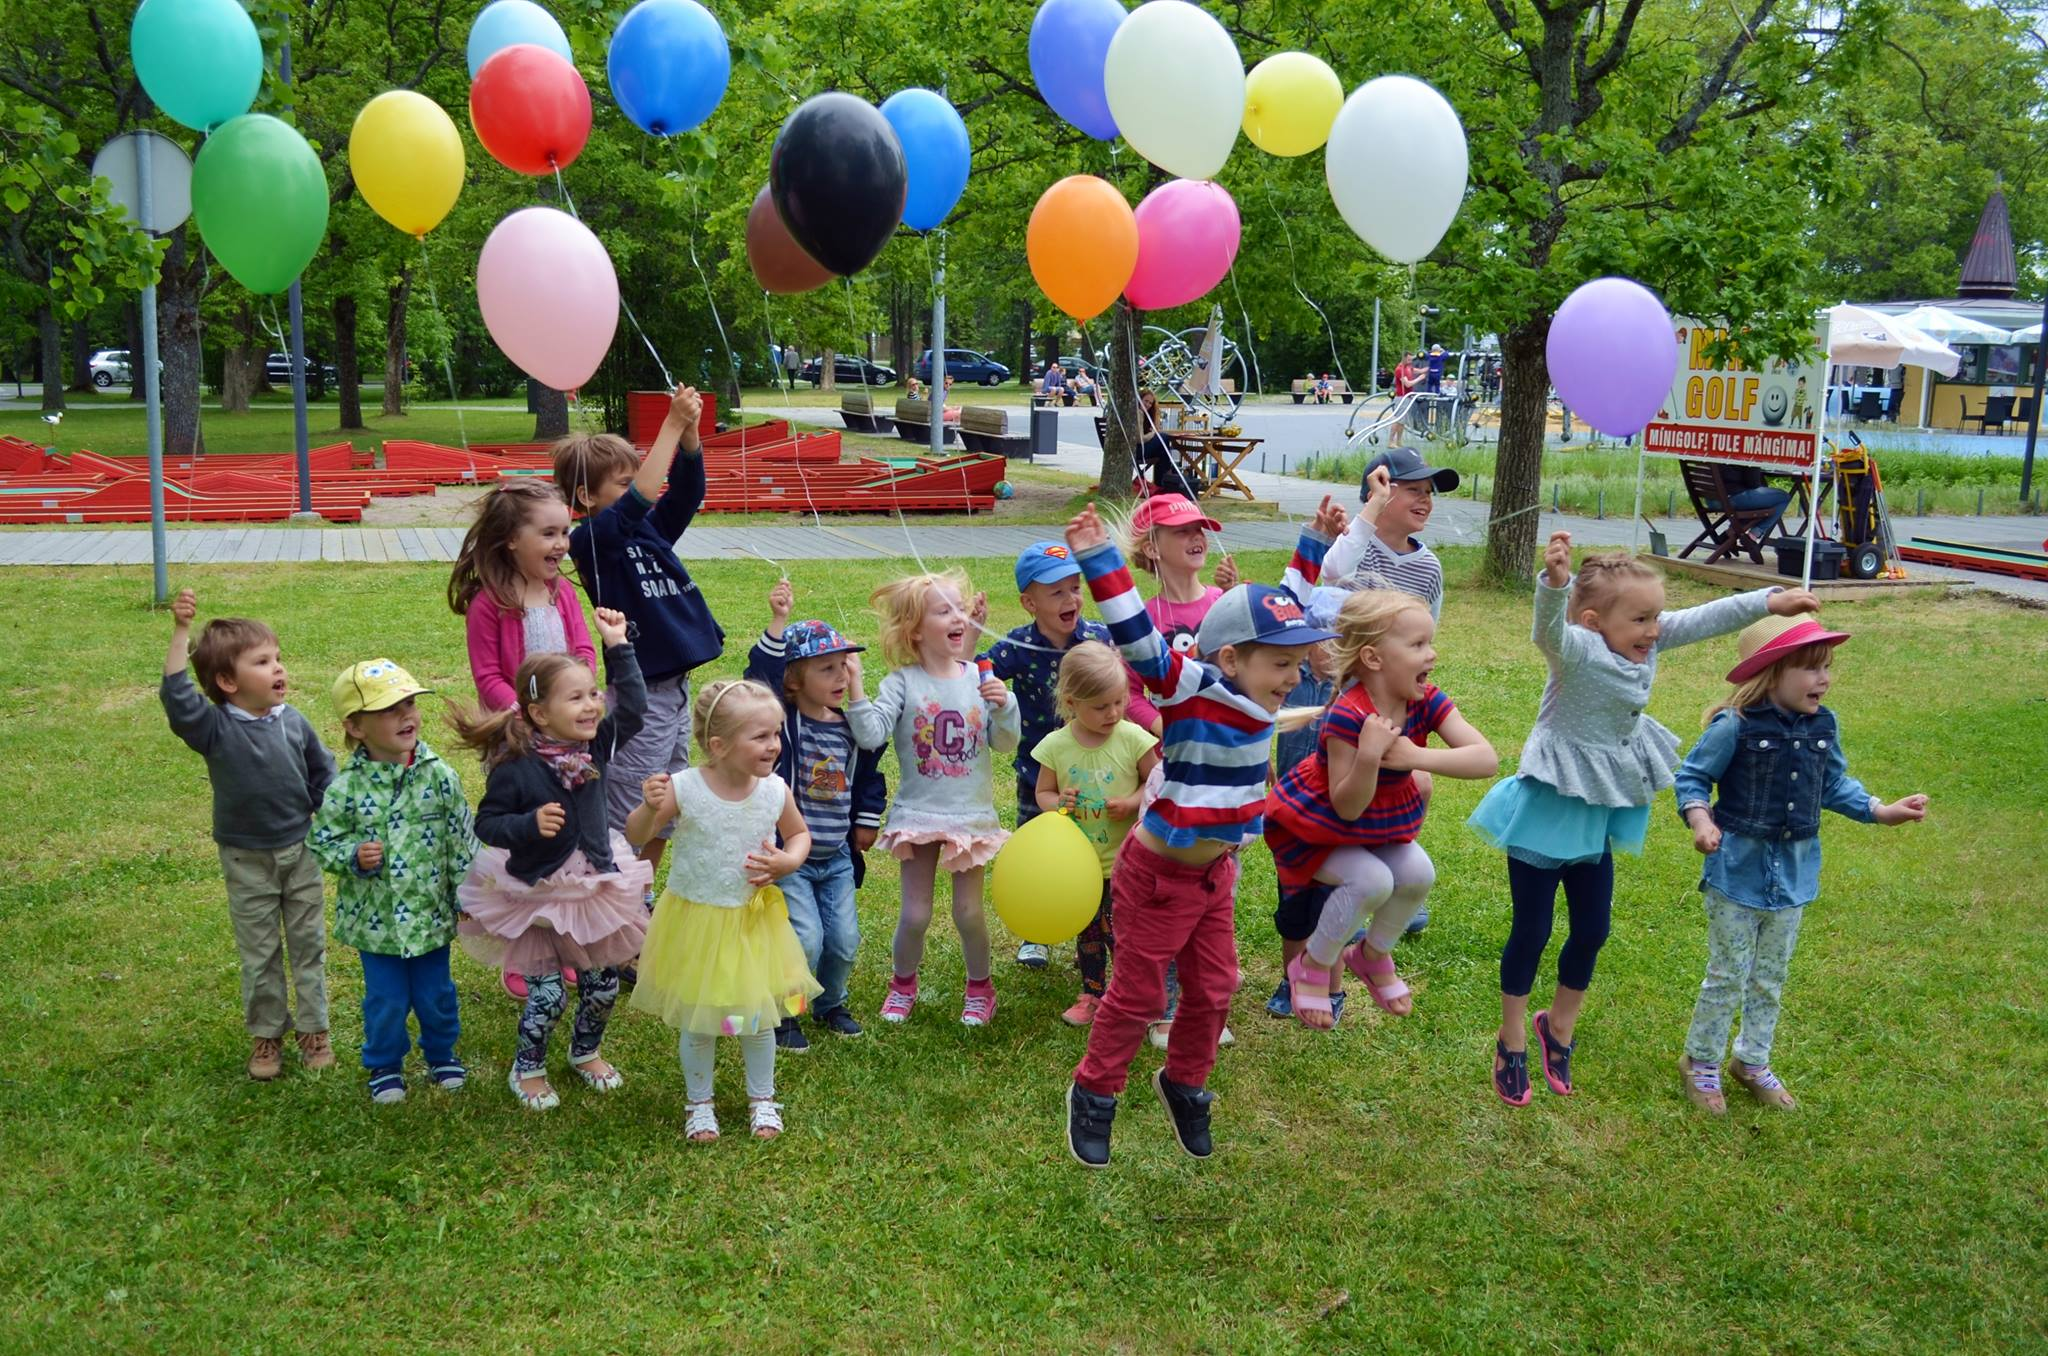 RÕÕMSATE LASTE FESTIVAL! Suvel toimub Pärnus esimene kogupere üritus Rõõmsate Laste Festival